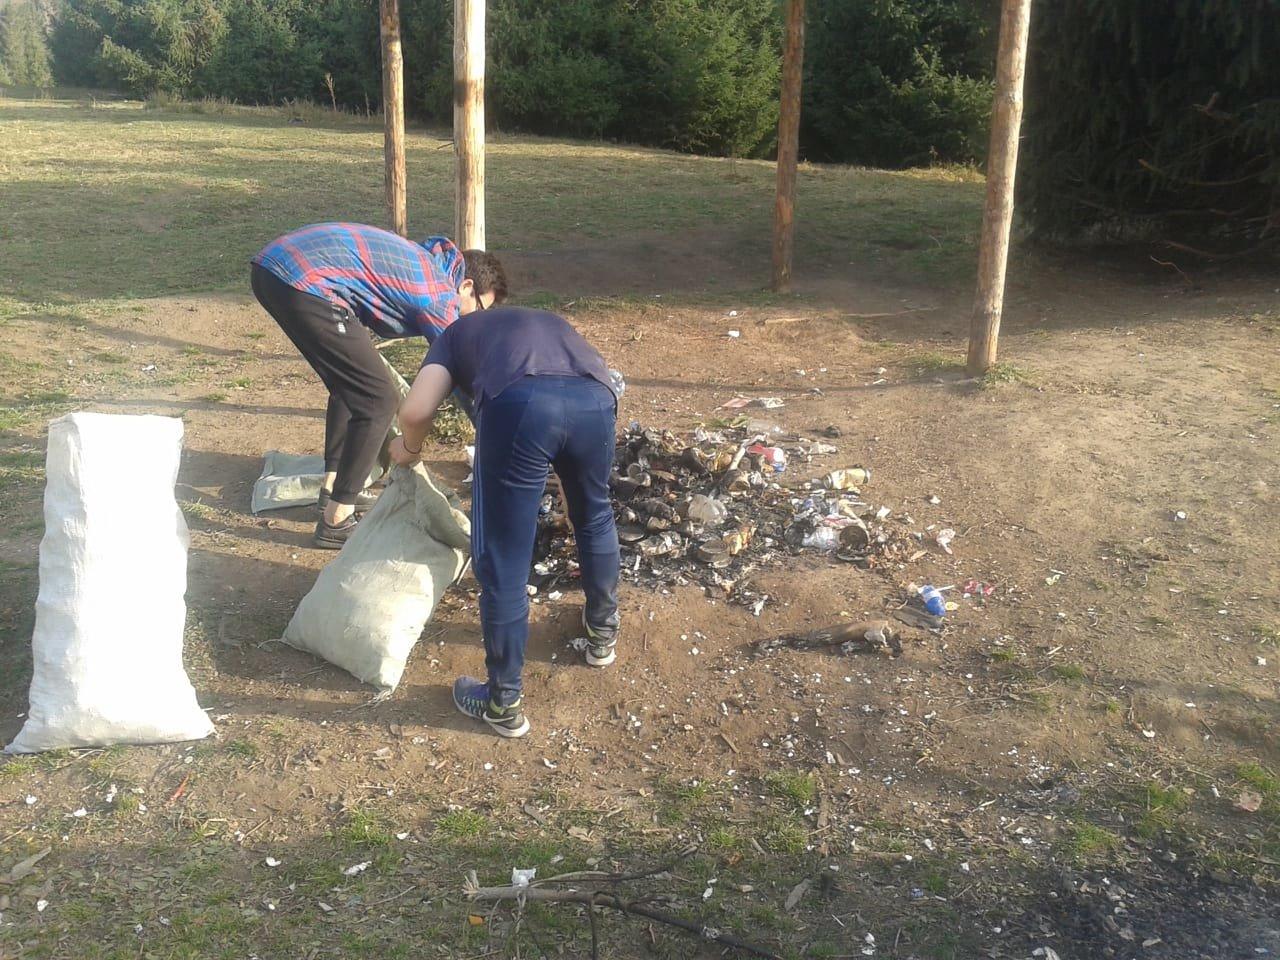 Горы мусора оставили отдыхающие в Кок-Жайляу - урочище привели в порядок, фото-4, Фото управление туризма Алматы